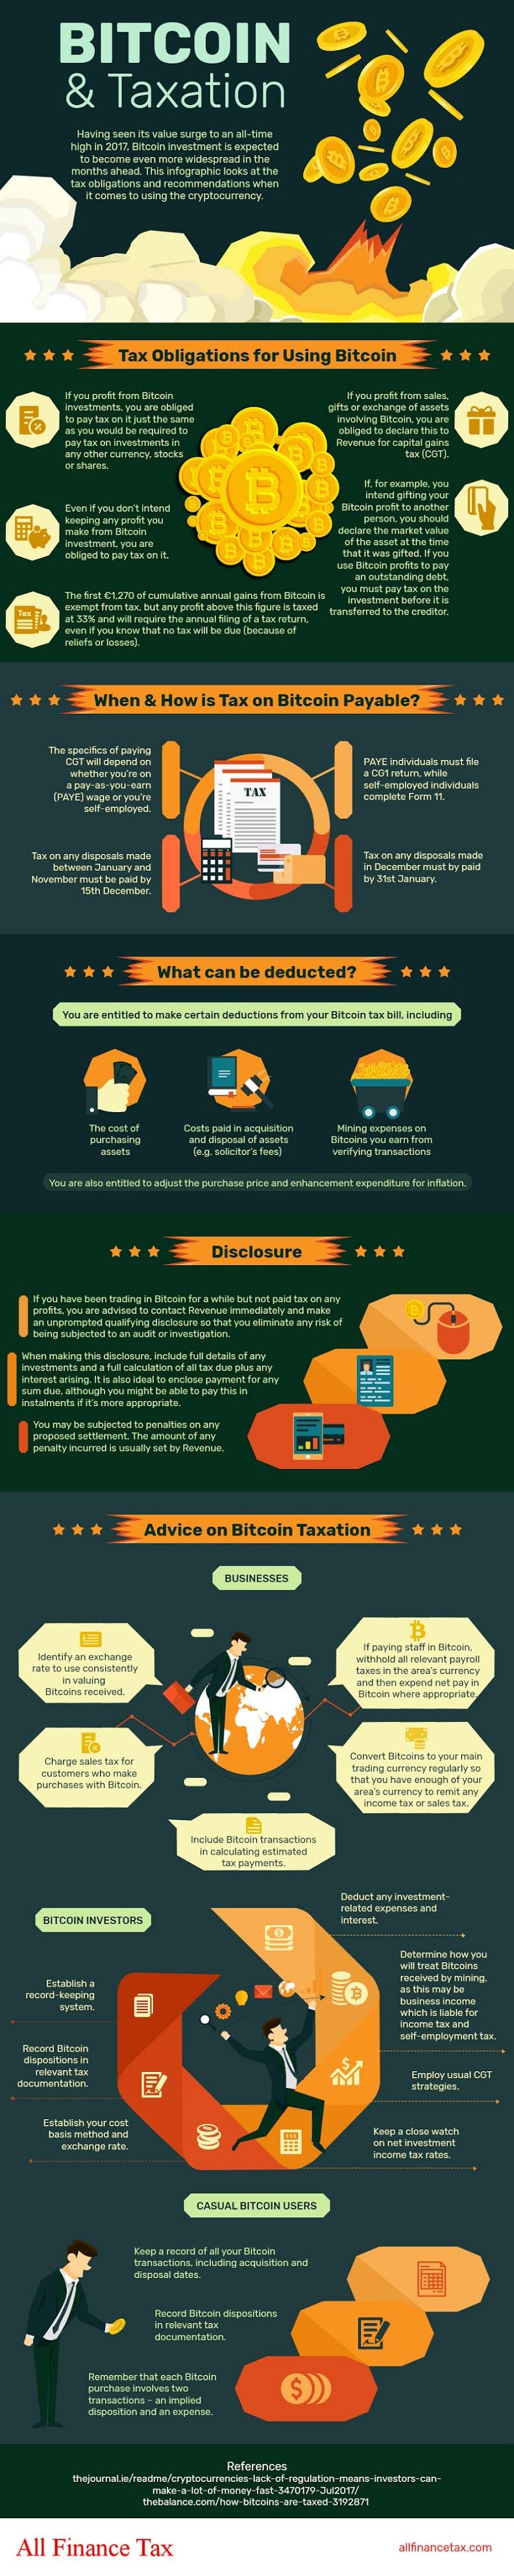 Bitcoin & Taxation #infographic #Bitcoin #Bitcoin & Taxation